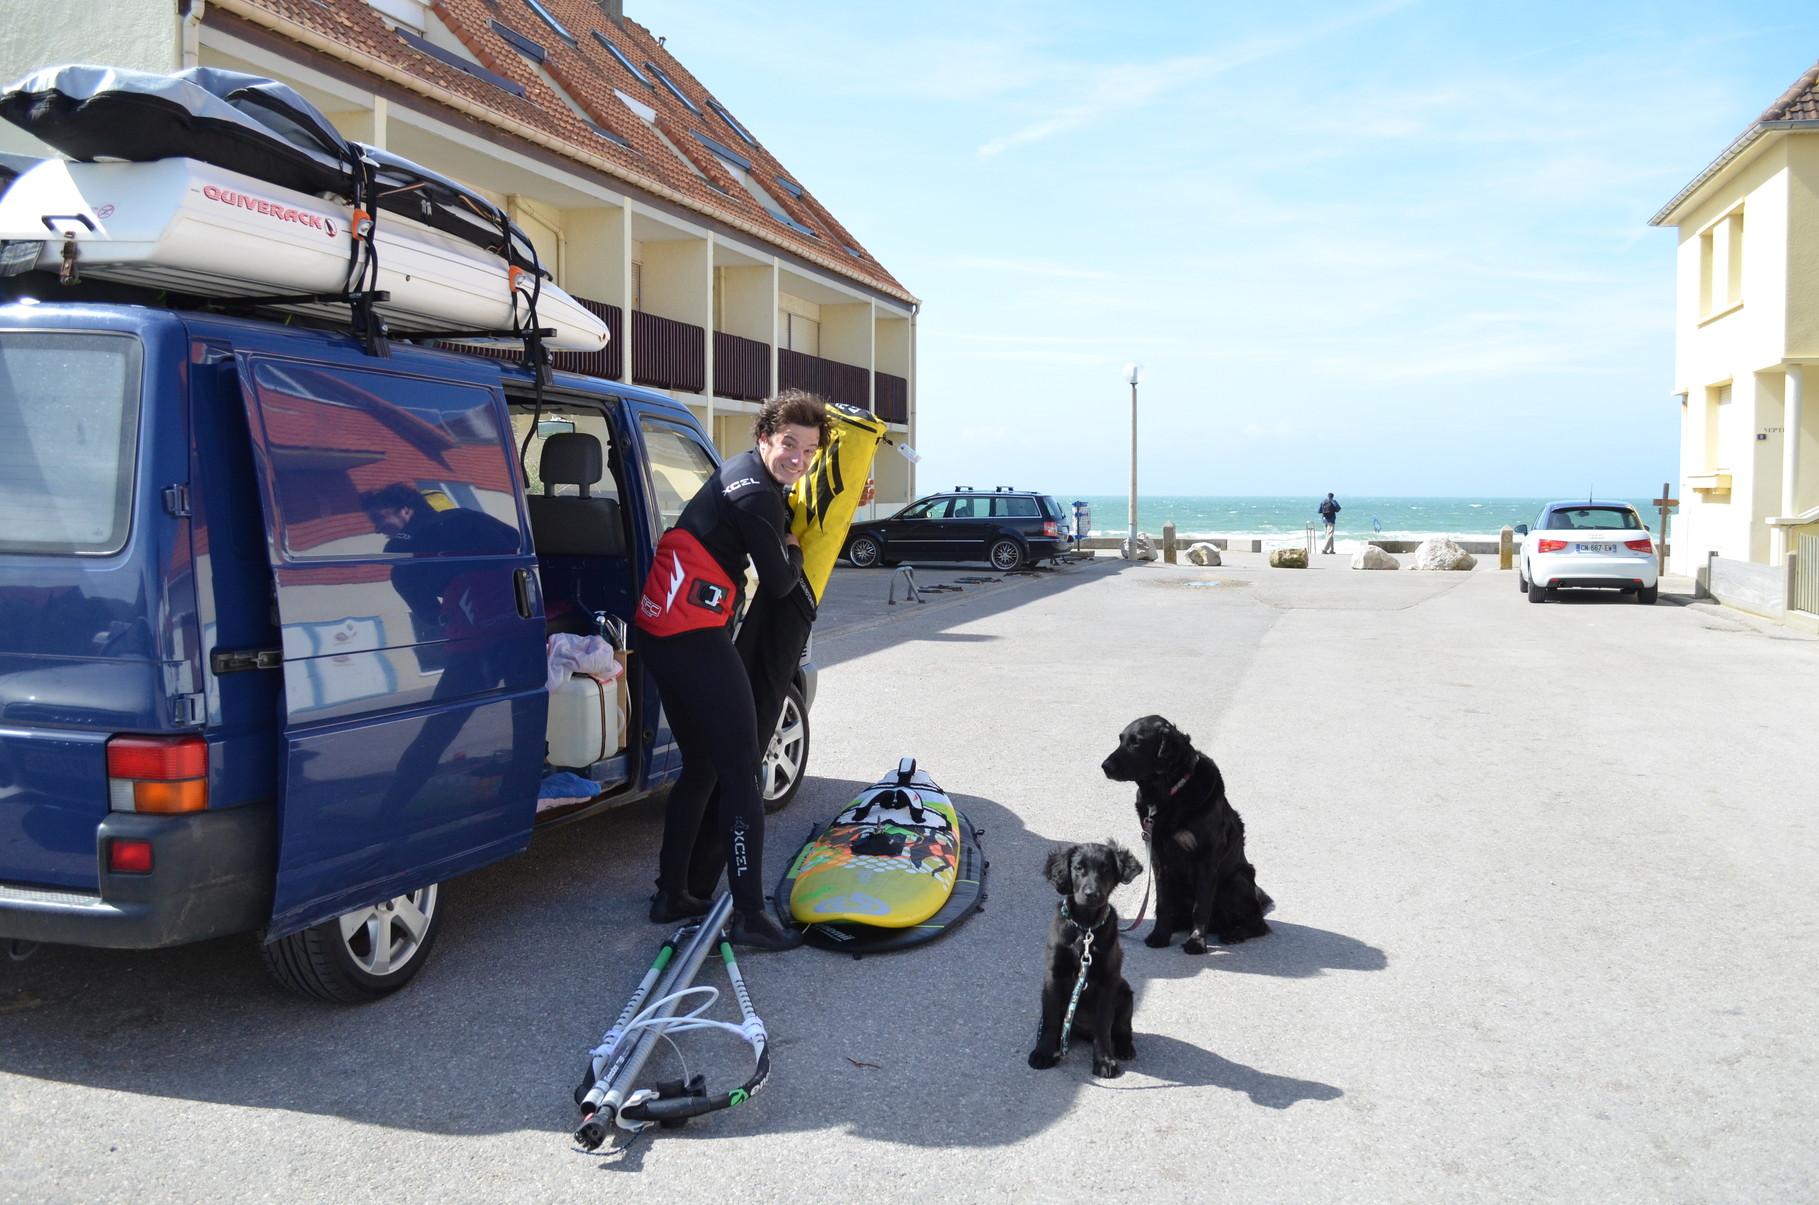 Ab aufs Wasser - Parken hinter der Strandpromenade in Wissant